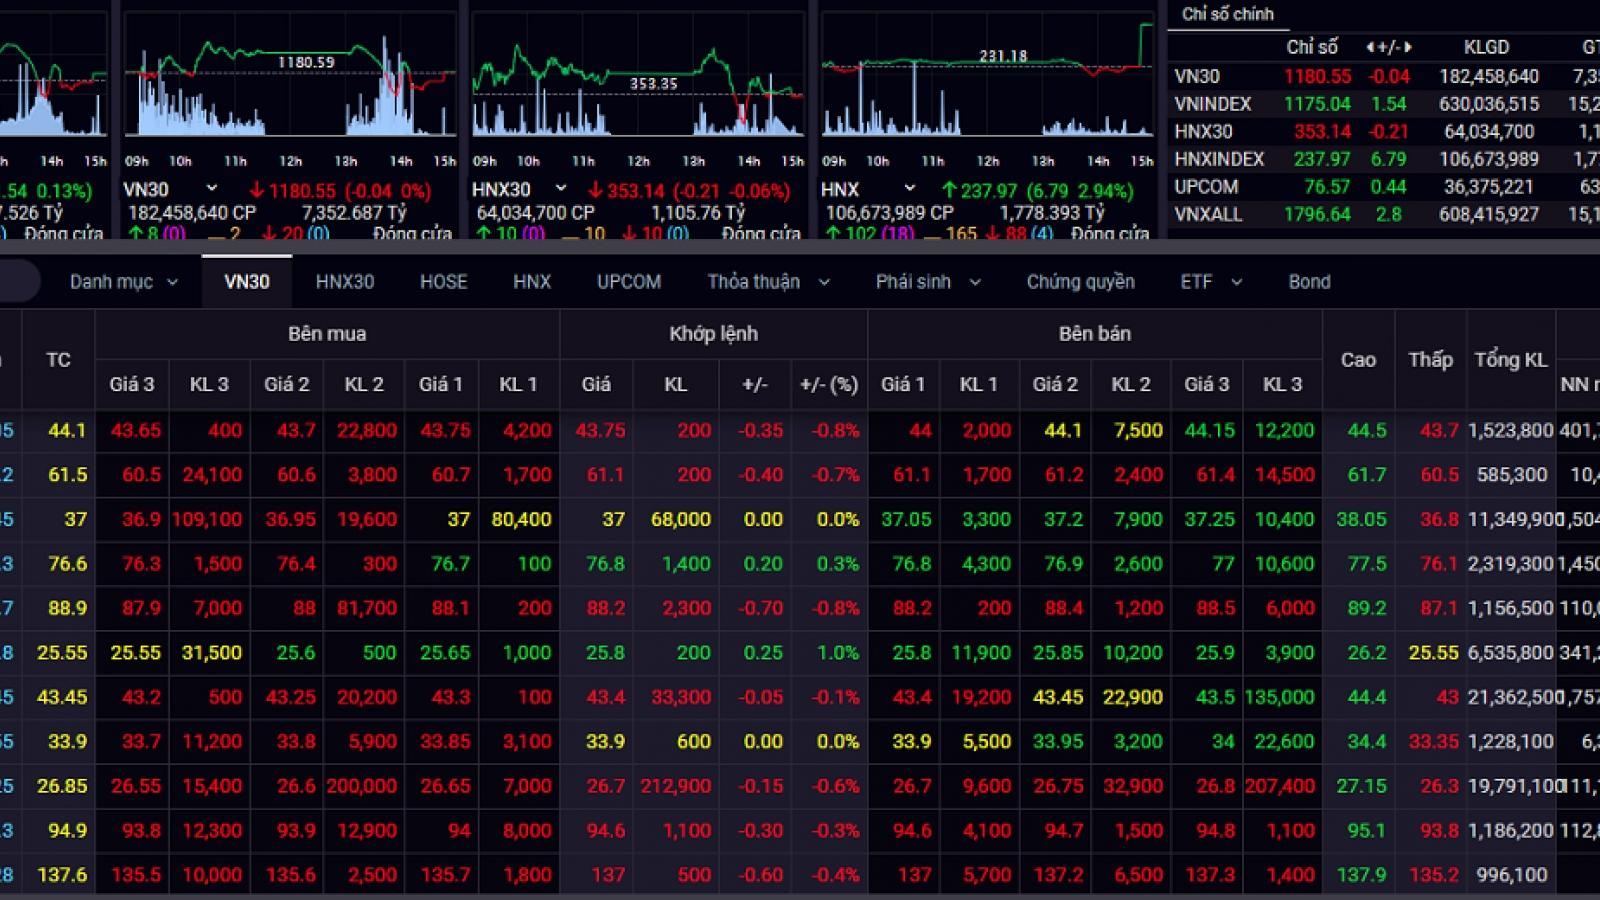 """Thị trường chứng khoán """"rung lắc"""", bluechips ngập ngừng ở vùng đỉnh"""